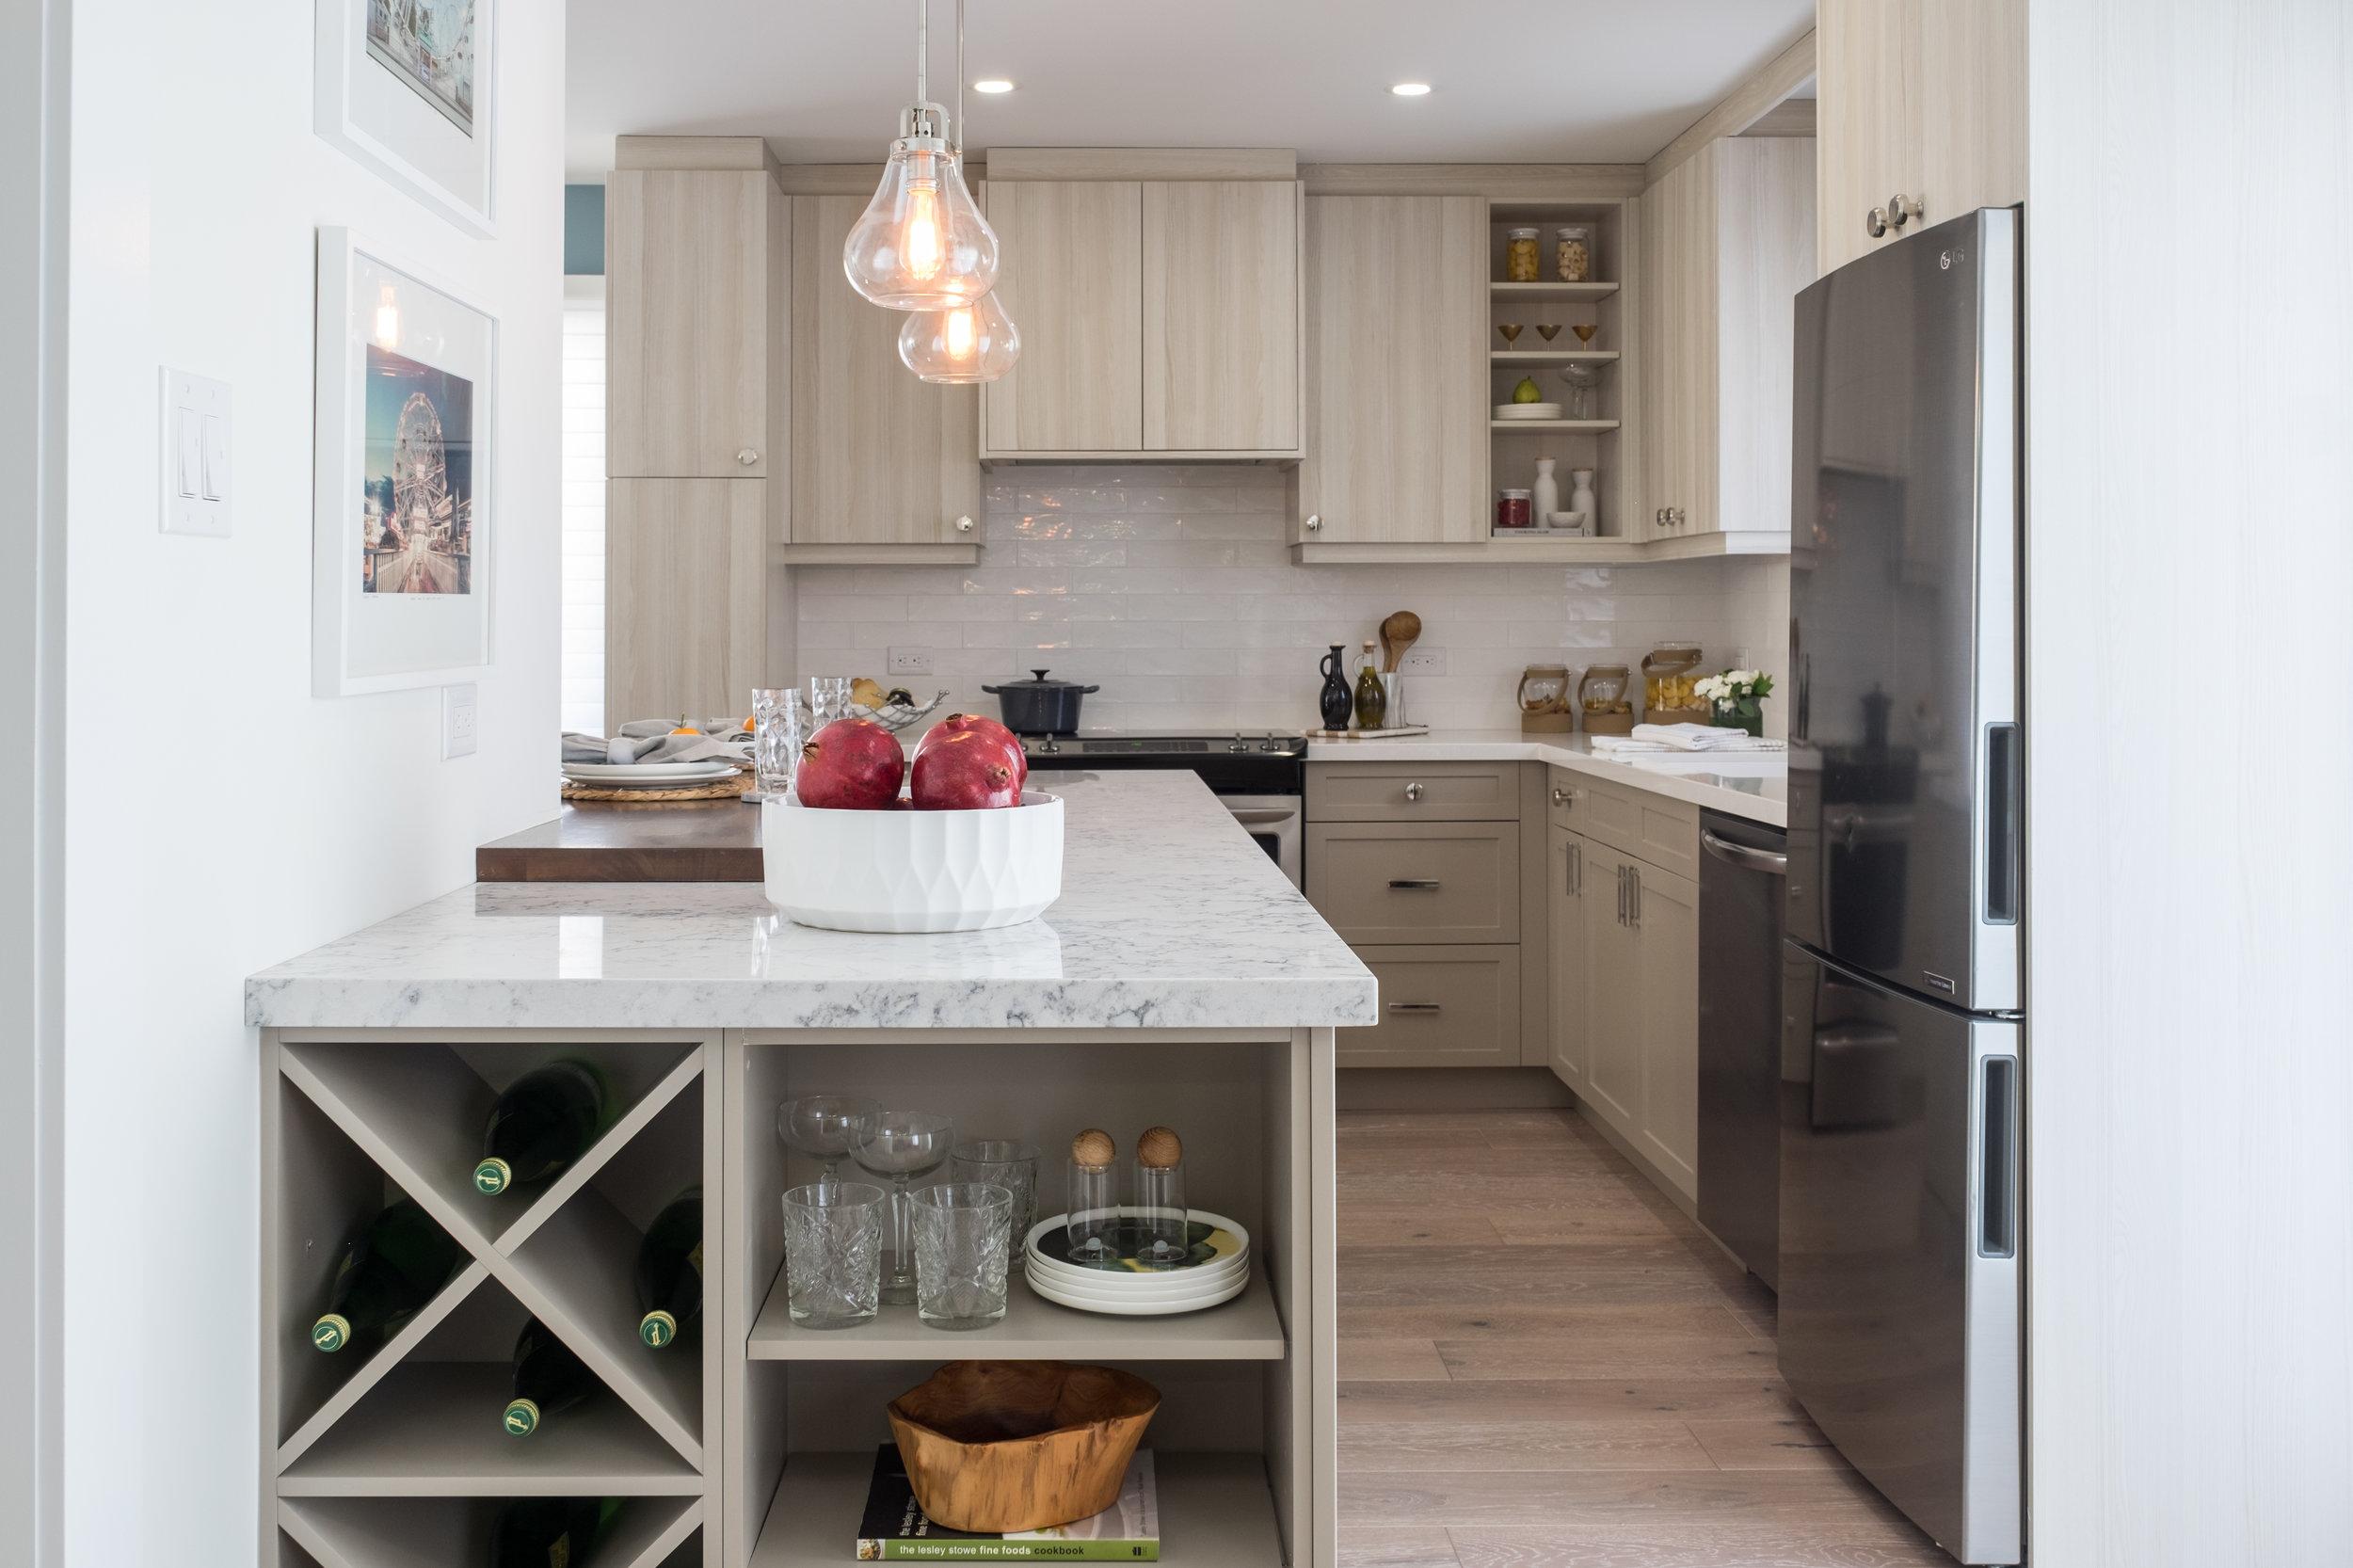 413_Kitchen_Wide02.jpg